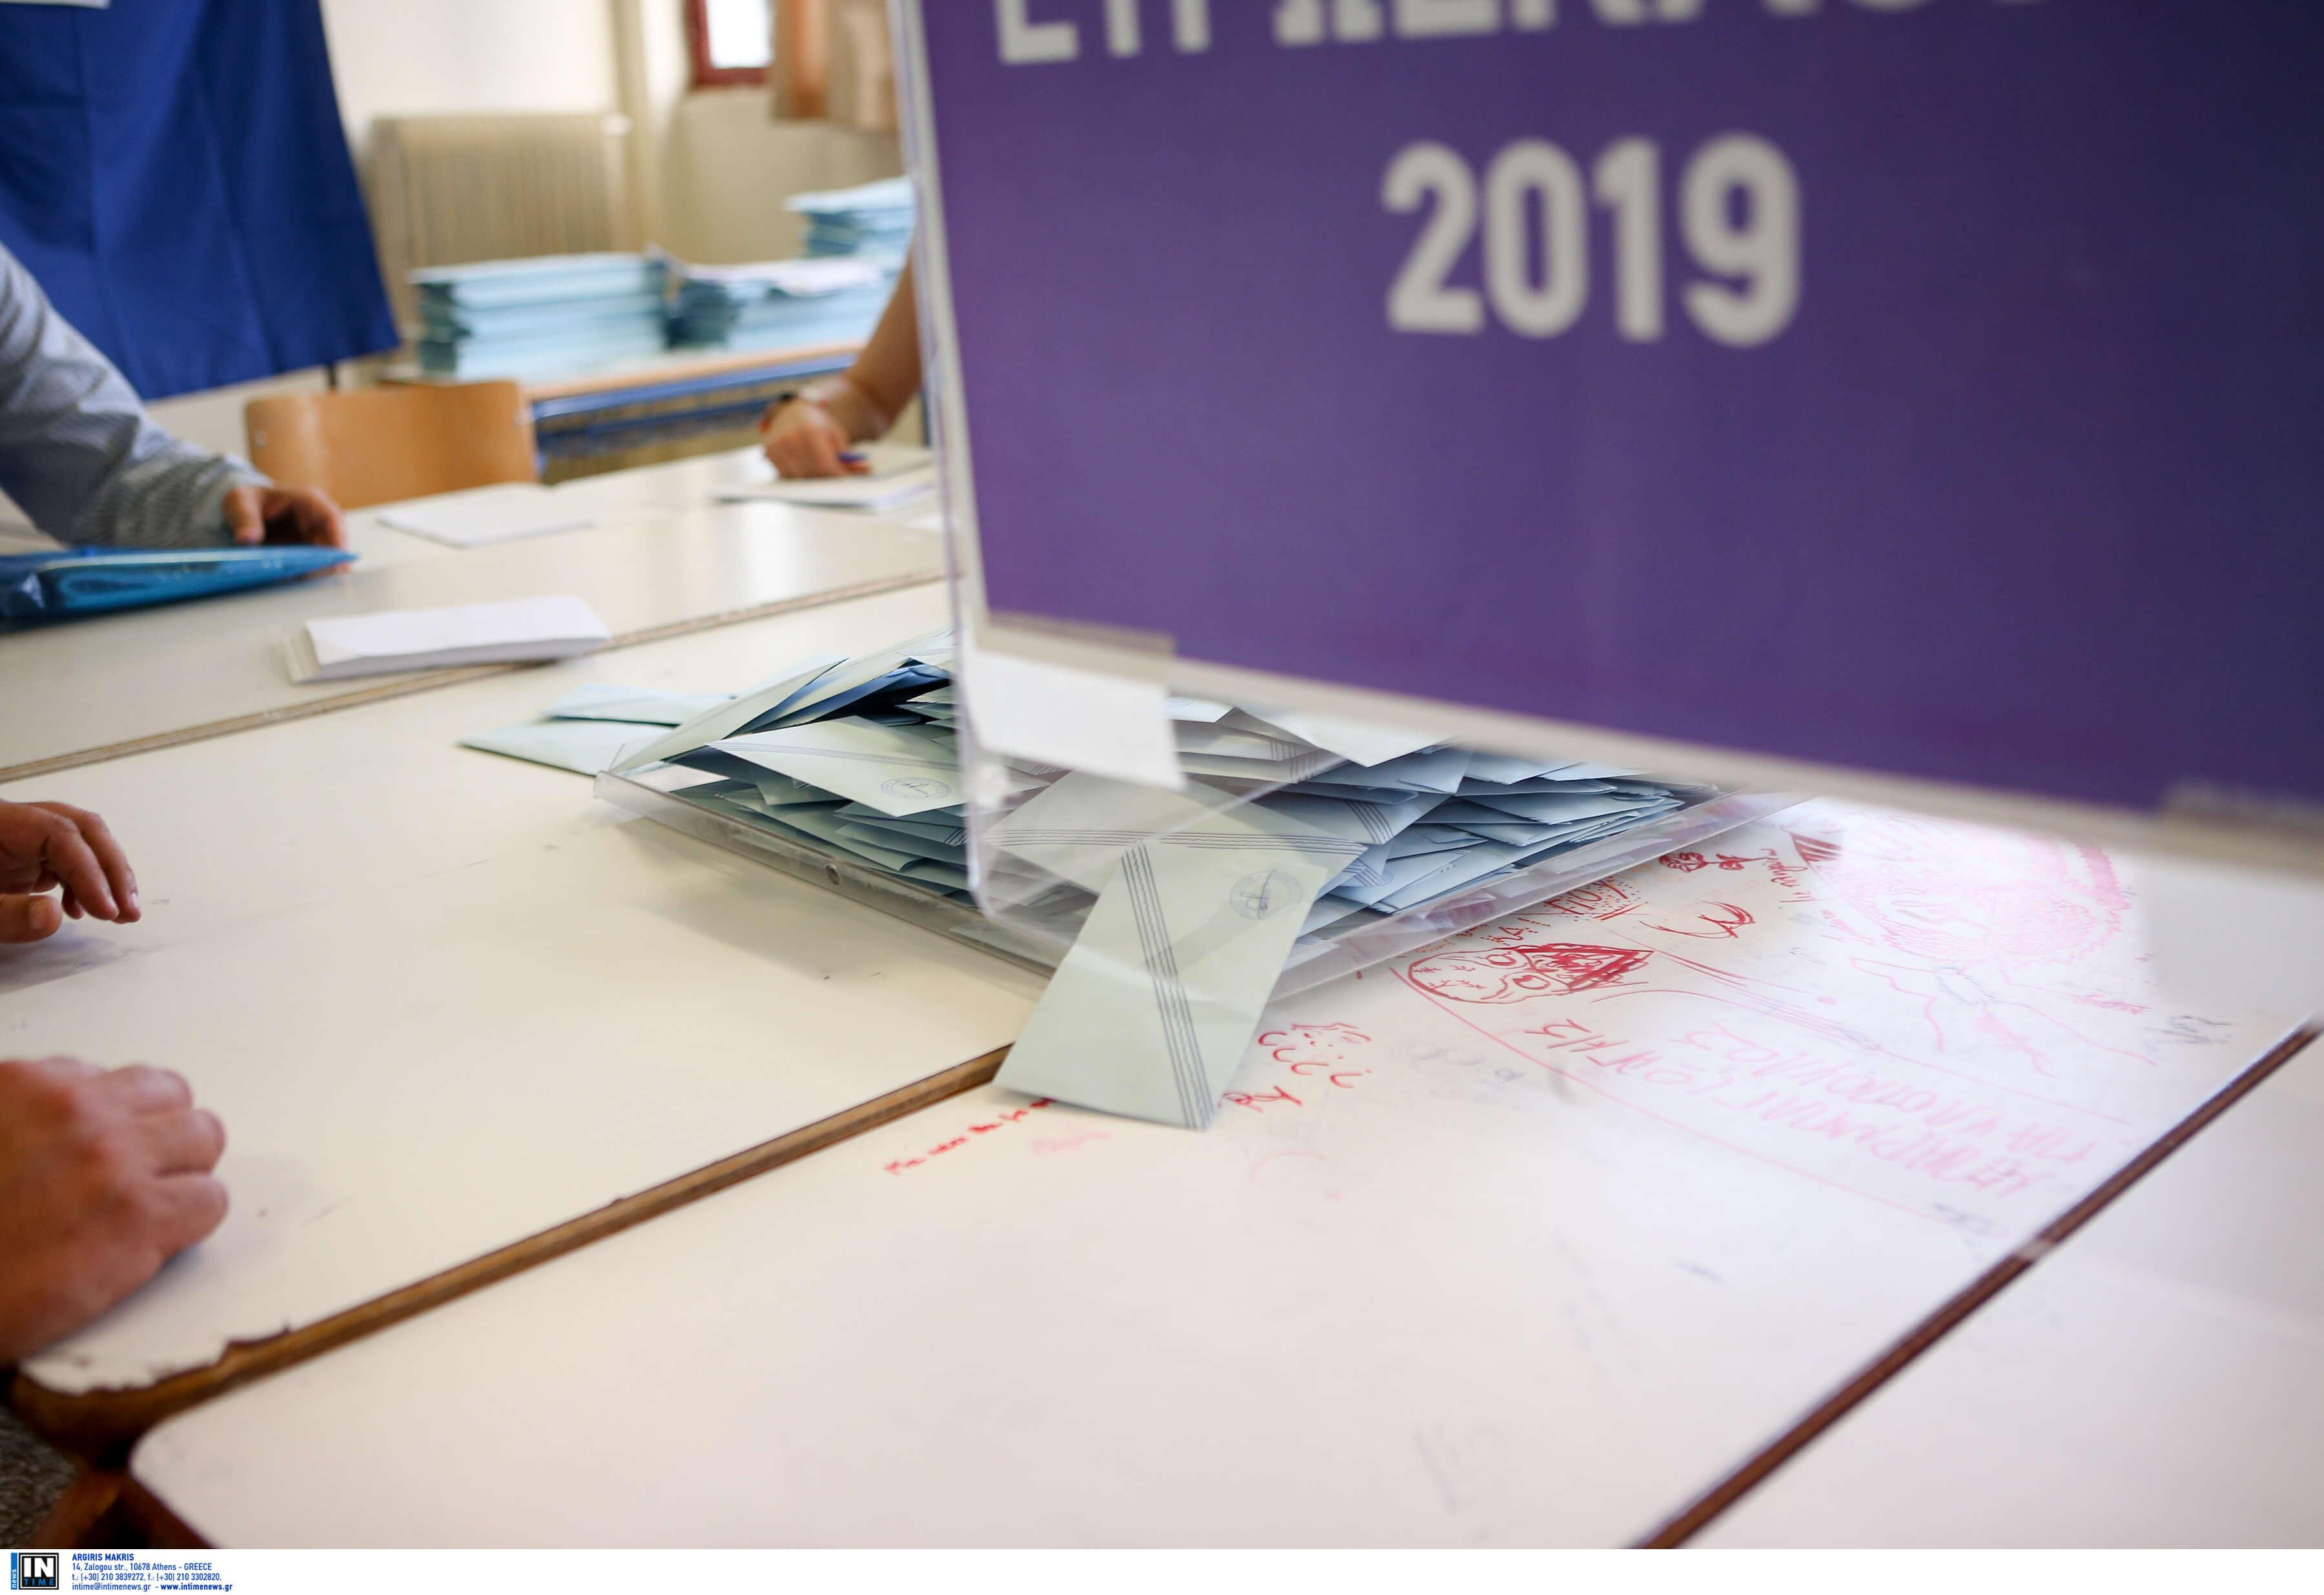 Εκλογές 2019: Οι υποψήφιοι βουλευτές με την Ένωση Κεντρώων ανά Περιφέρεια – Ονόματα και αποτελέσματα εκλογών